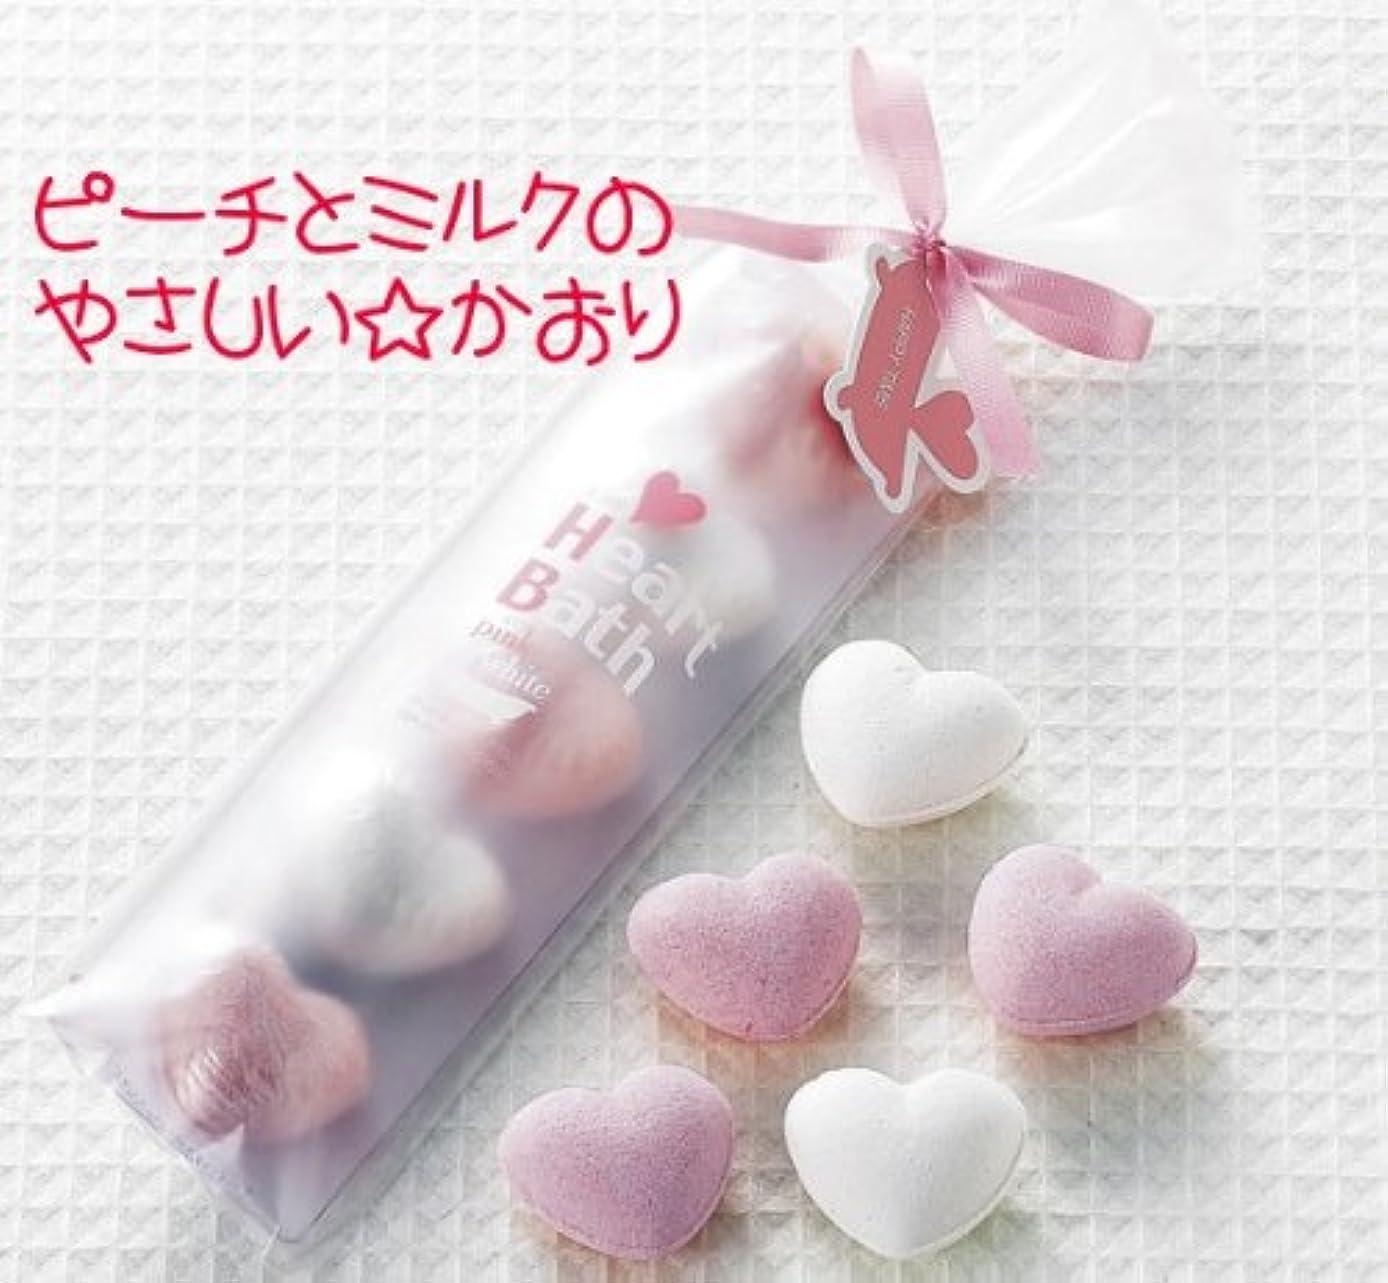 呼吸コンデンサー給料ハートの入浴剤 ピーチ&ミルク【結婚式 二次会 プチギフト】